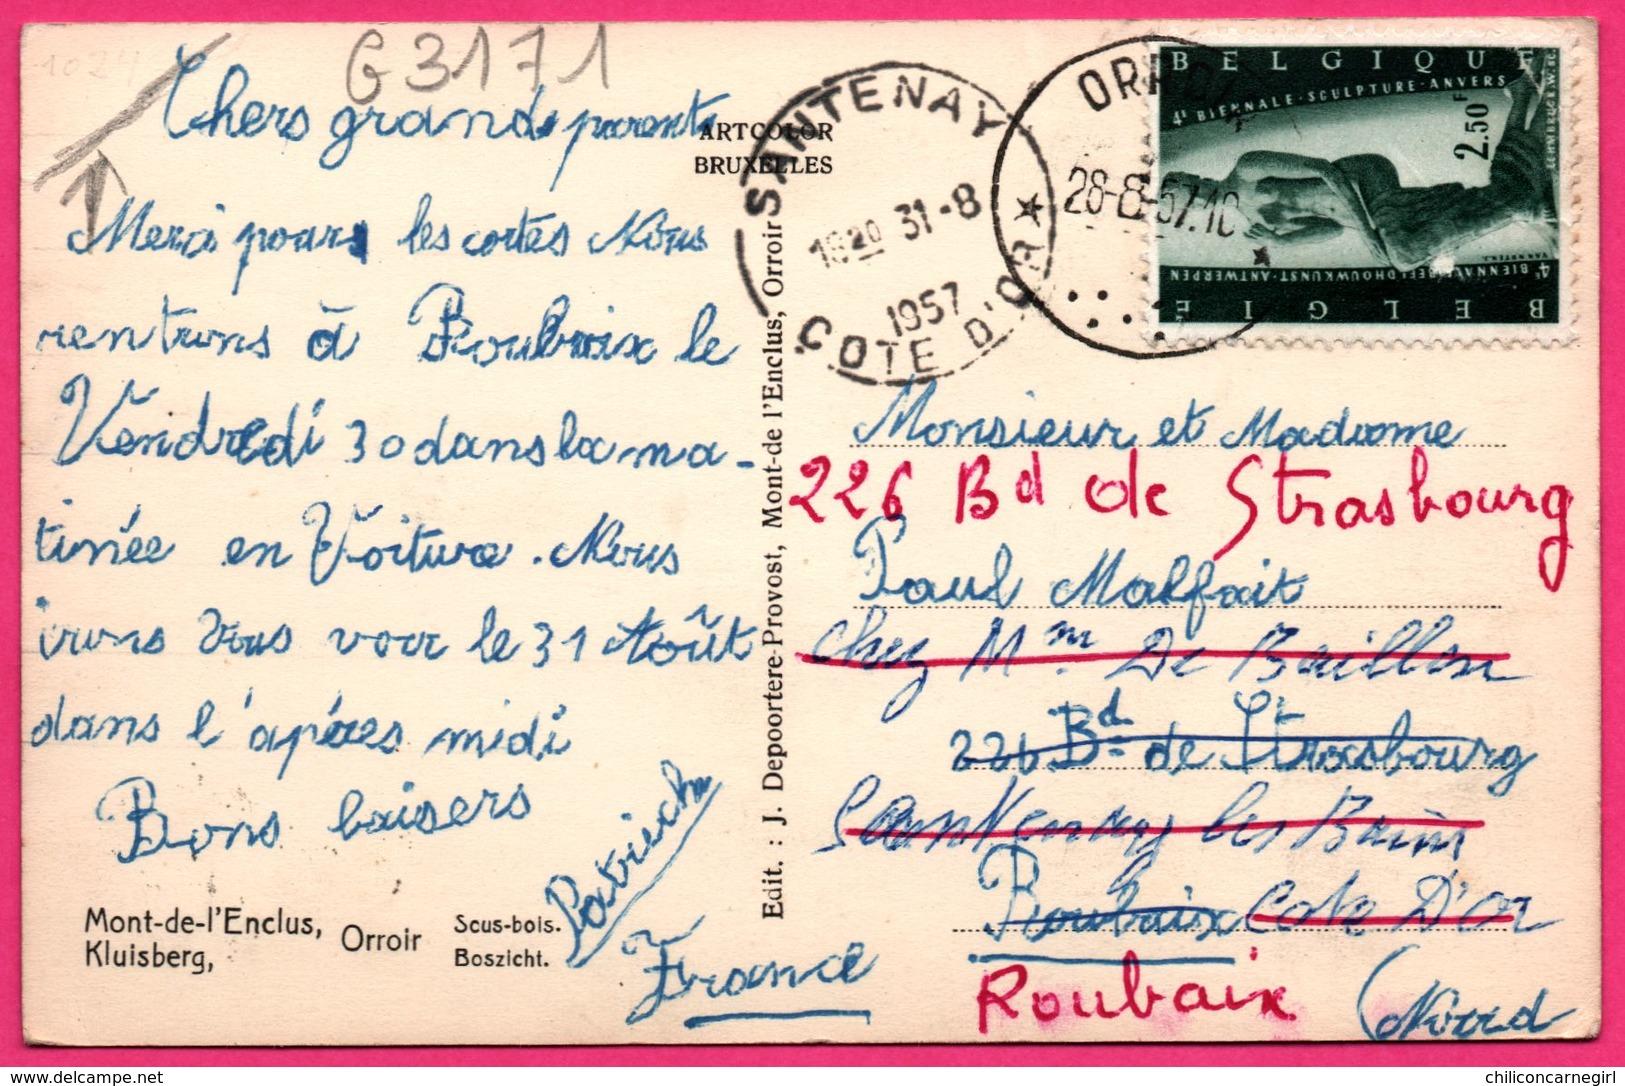 Cp Glacée - Mont De L'Enclus - Orroir - Sous Bois - Kluisberg - Boszicht - Edit. J. DEPOORTERE PROVOST - 1957 - Mont-de-l'Enclus